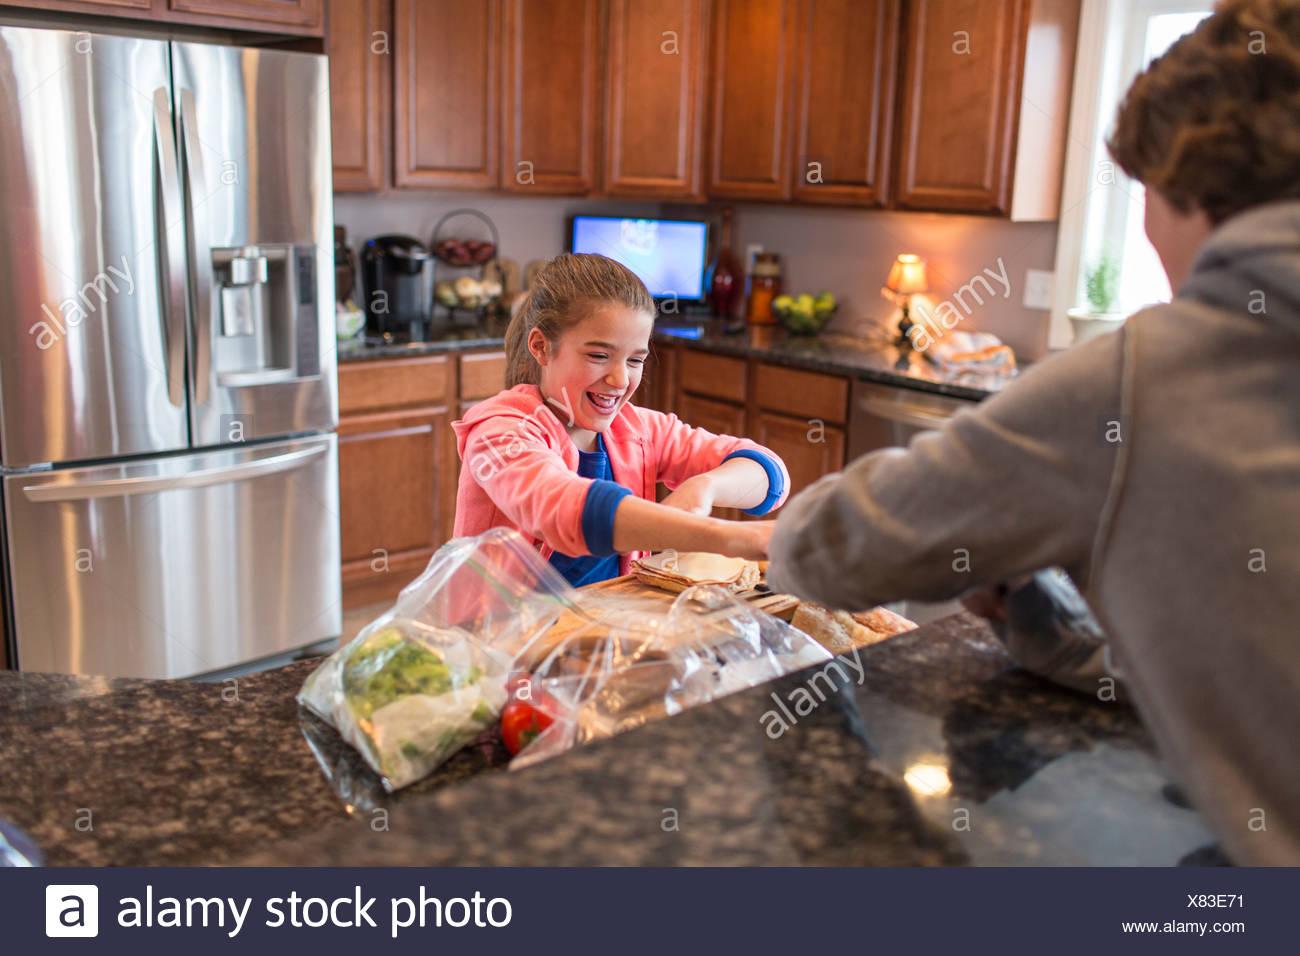 Fratello e Sorella in cucina la preparazione di sandwich Immagini Stock